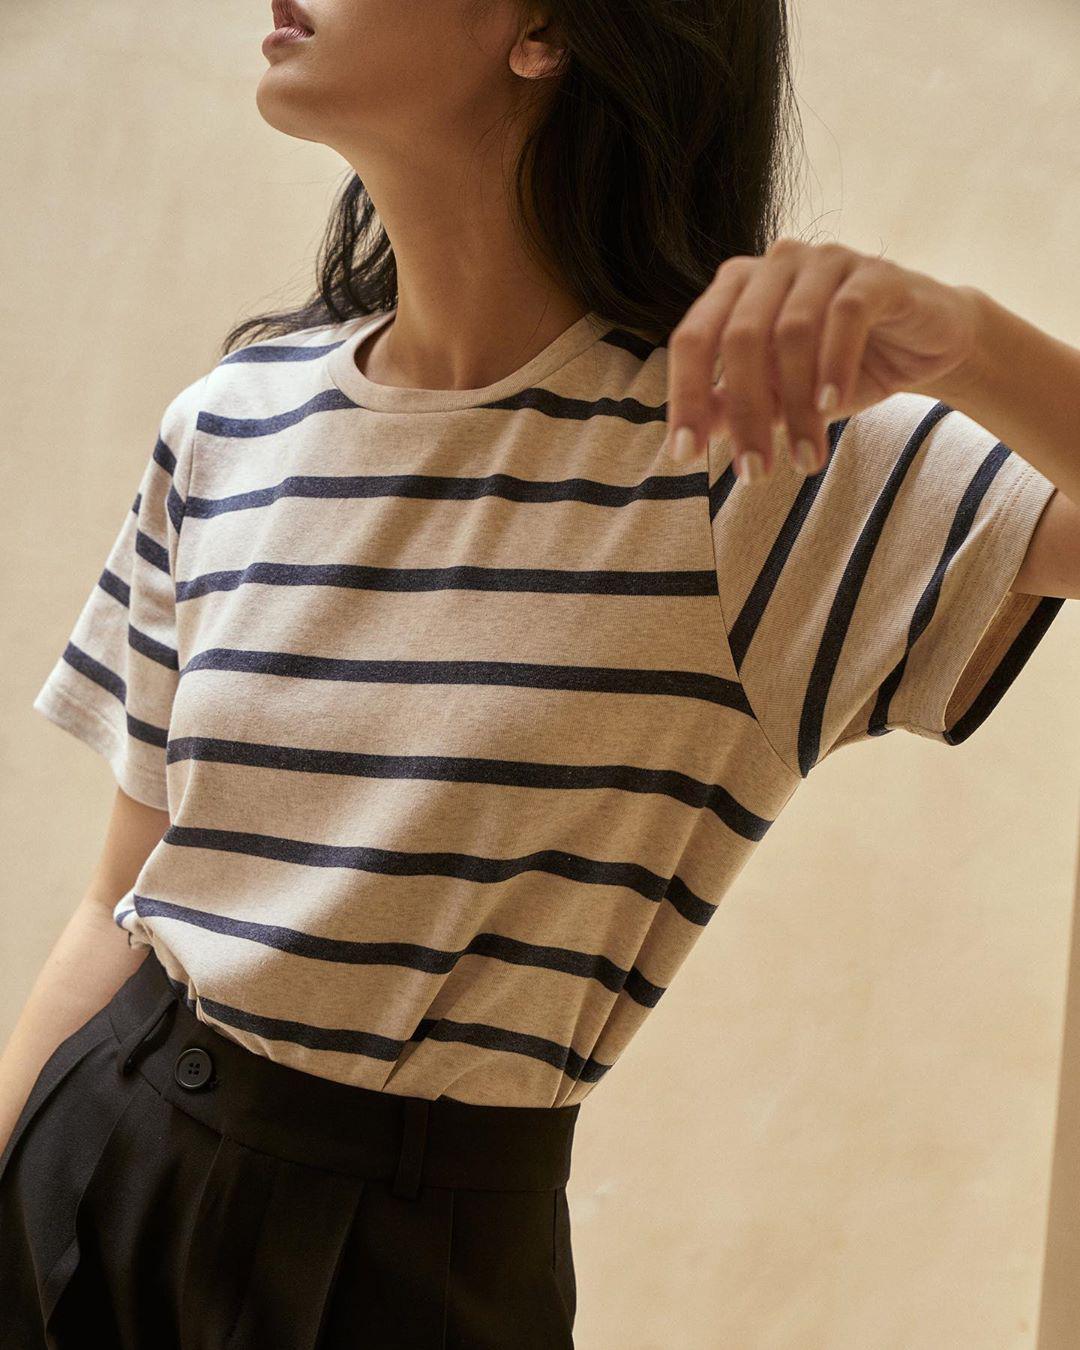 Thiếu đi 1 chiếc áo kẻ là bạn đã tự đánh tụt điểm style của mình so với hội chị em bạn dì  - Ảnh 16.